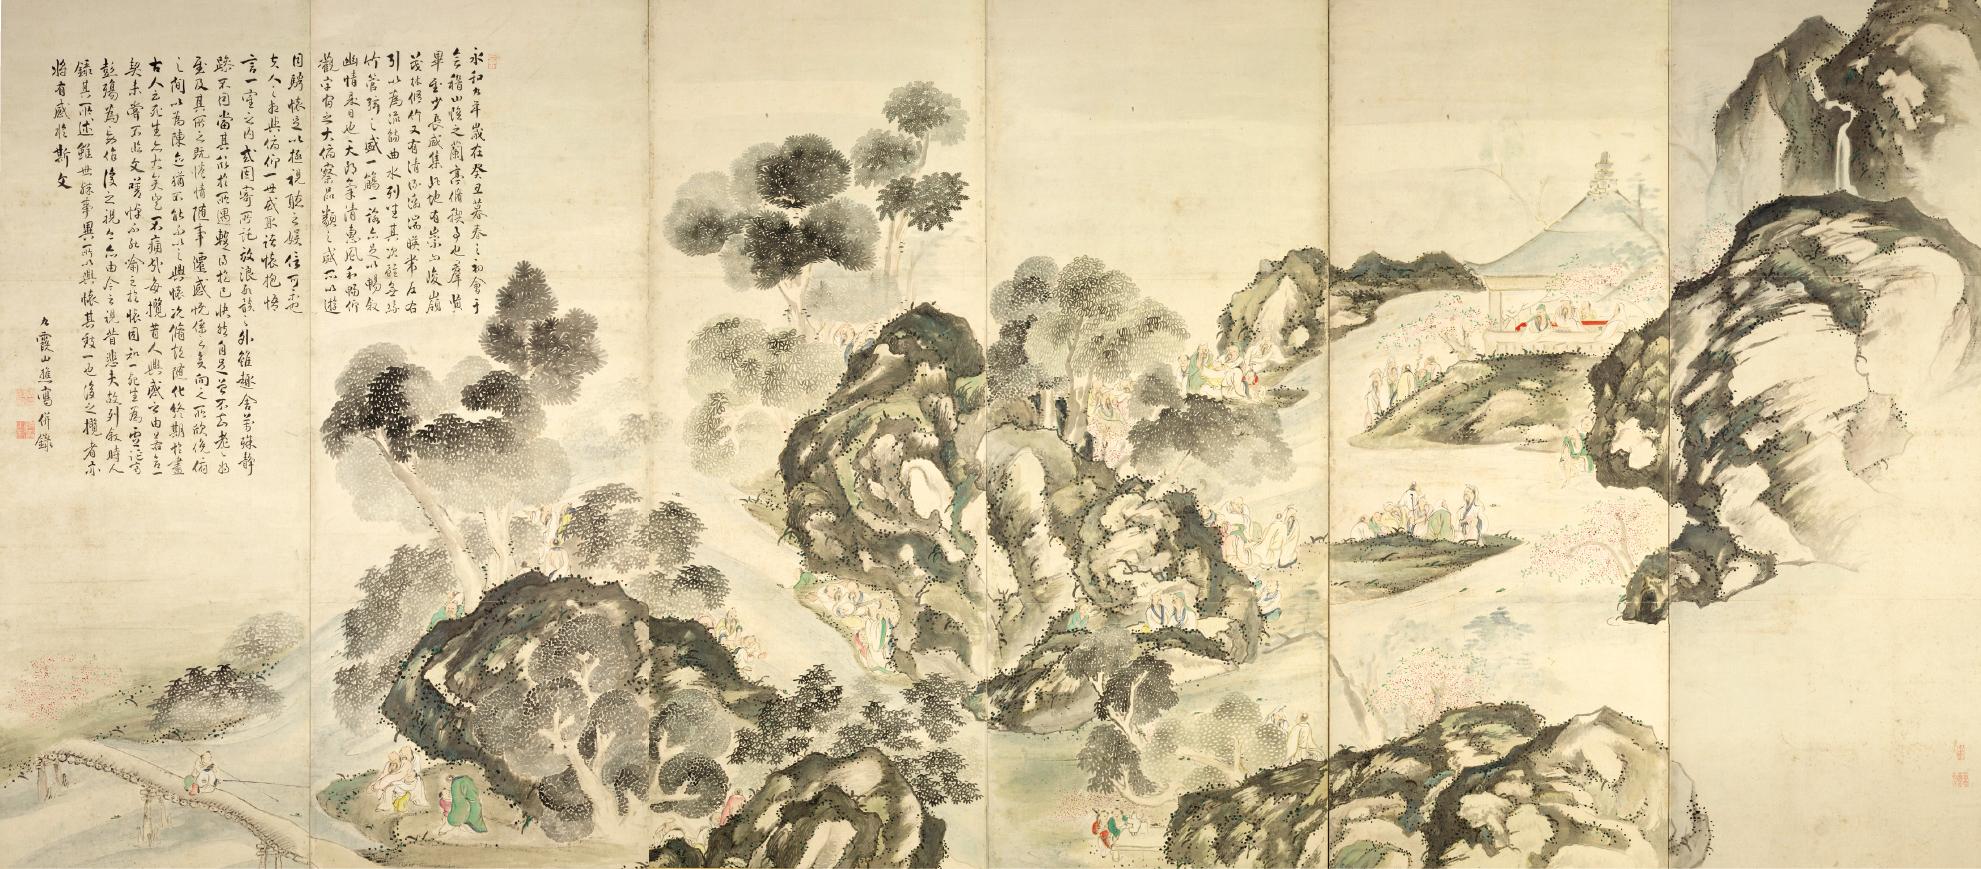 蘭亭曲水・龍山勝会図屏風(右隻) 静岡県立美術館